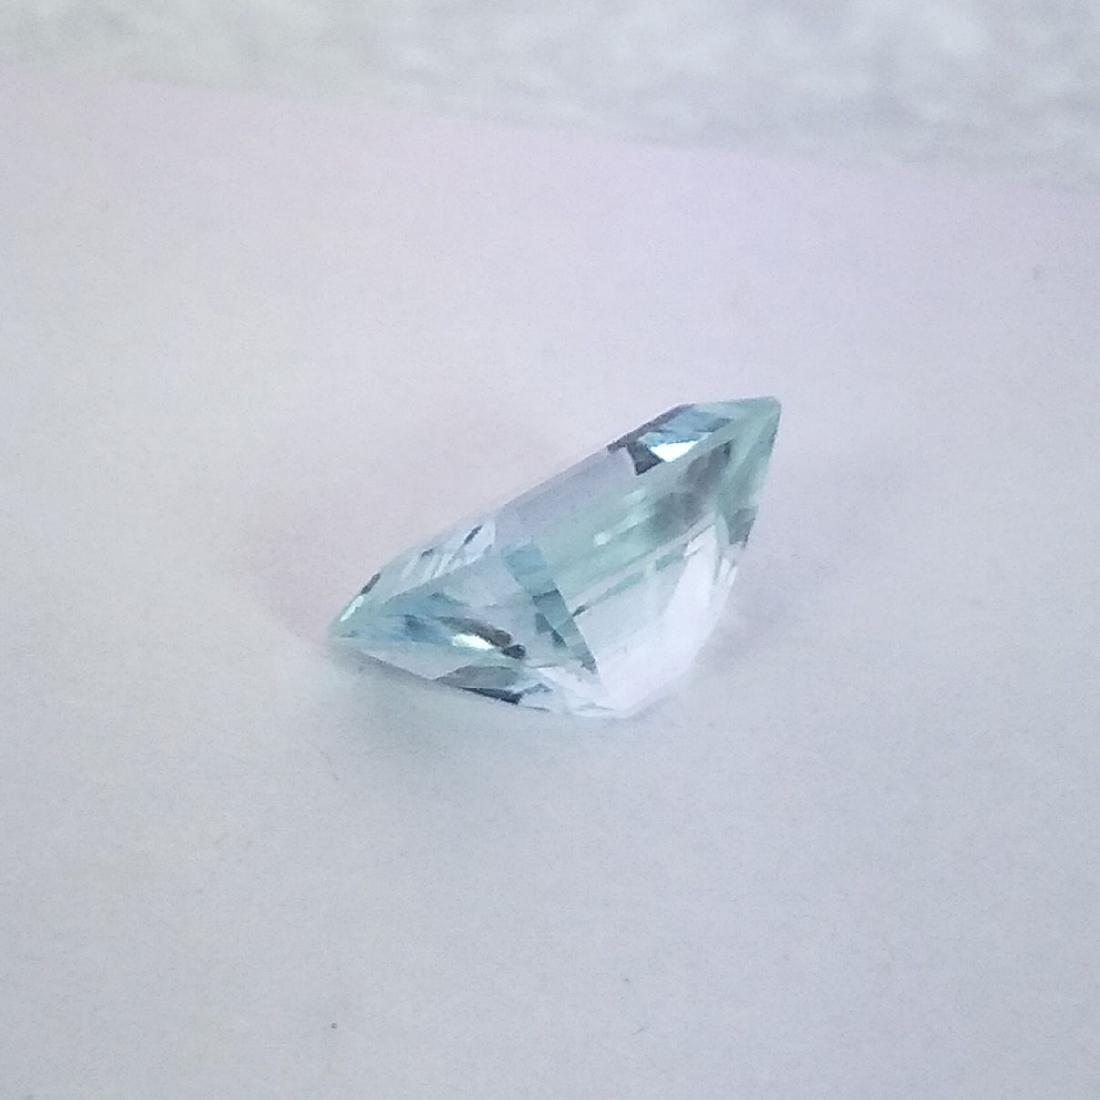 Aquamarine - 3.14 ct - 4